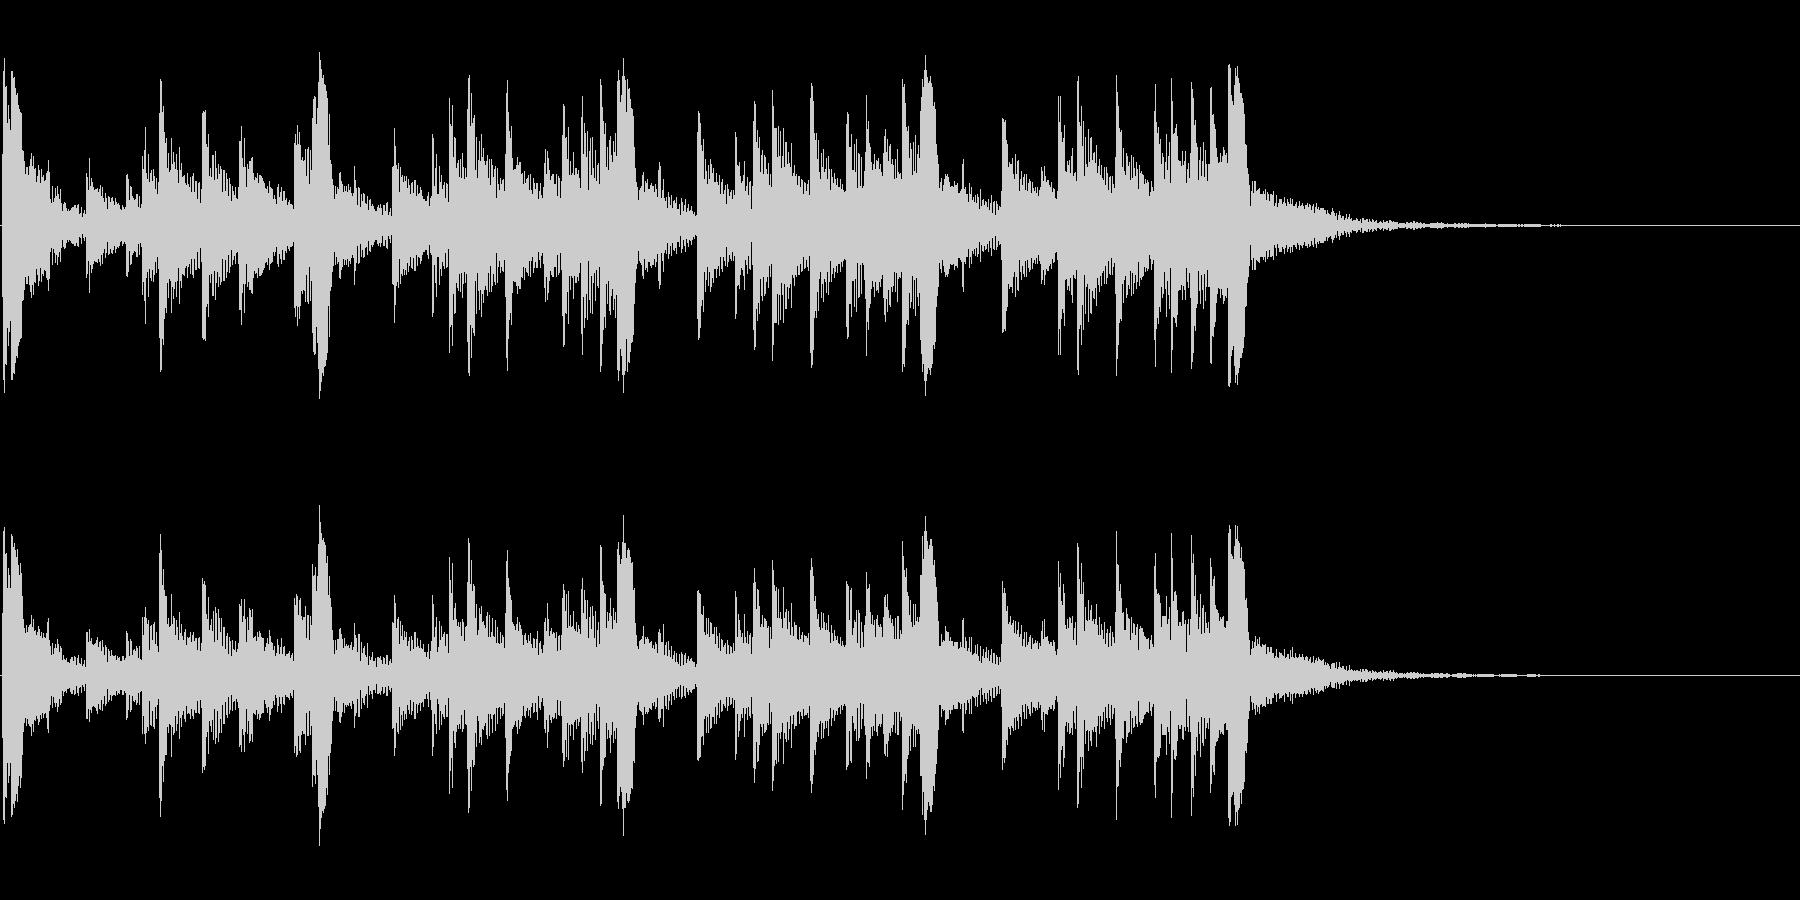 低音:トライバルリズム、漫画コメデ...の未再生の波形